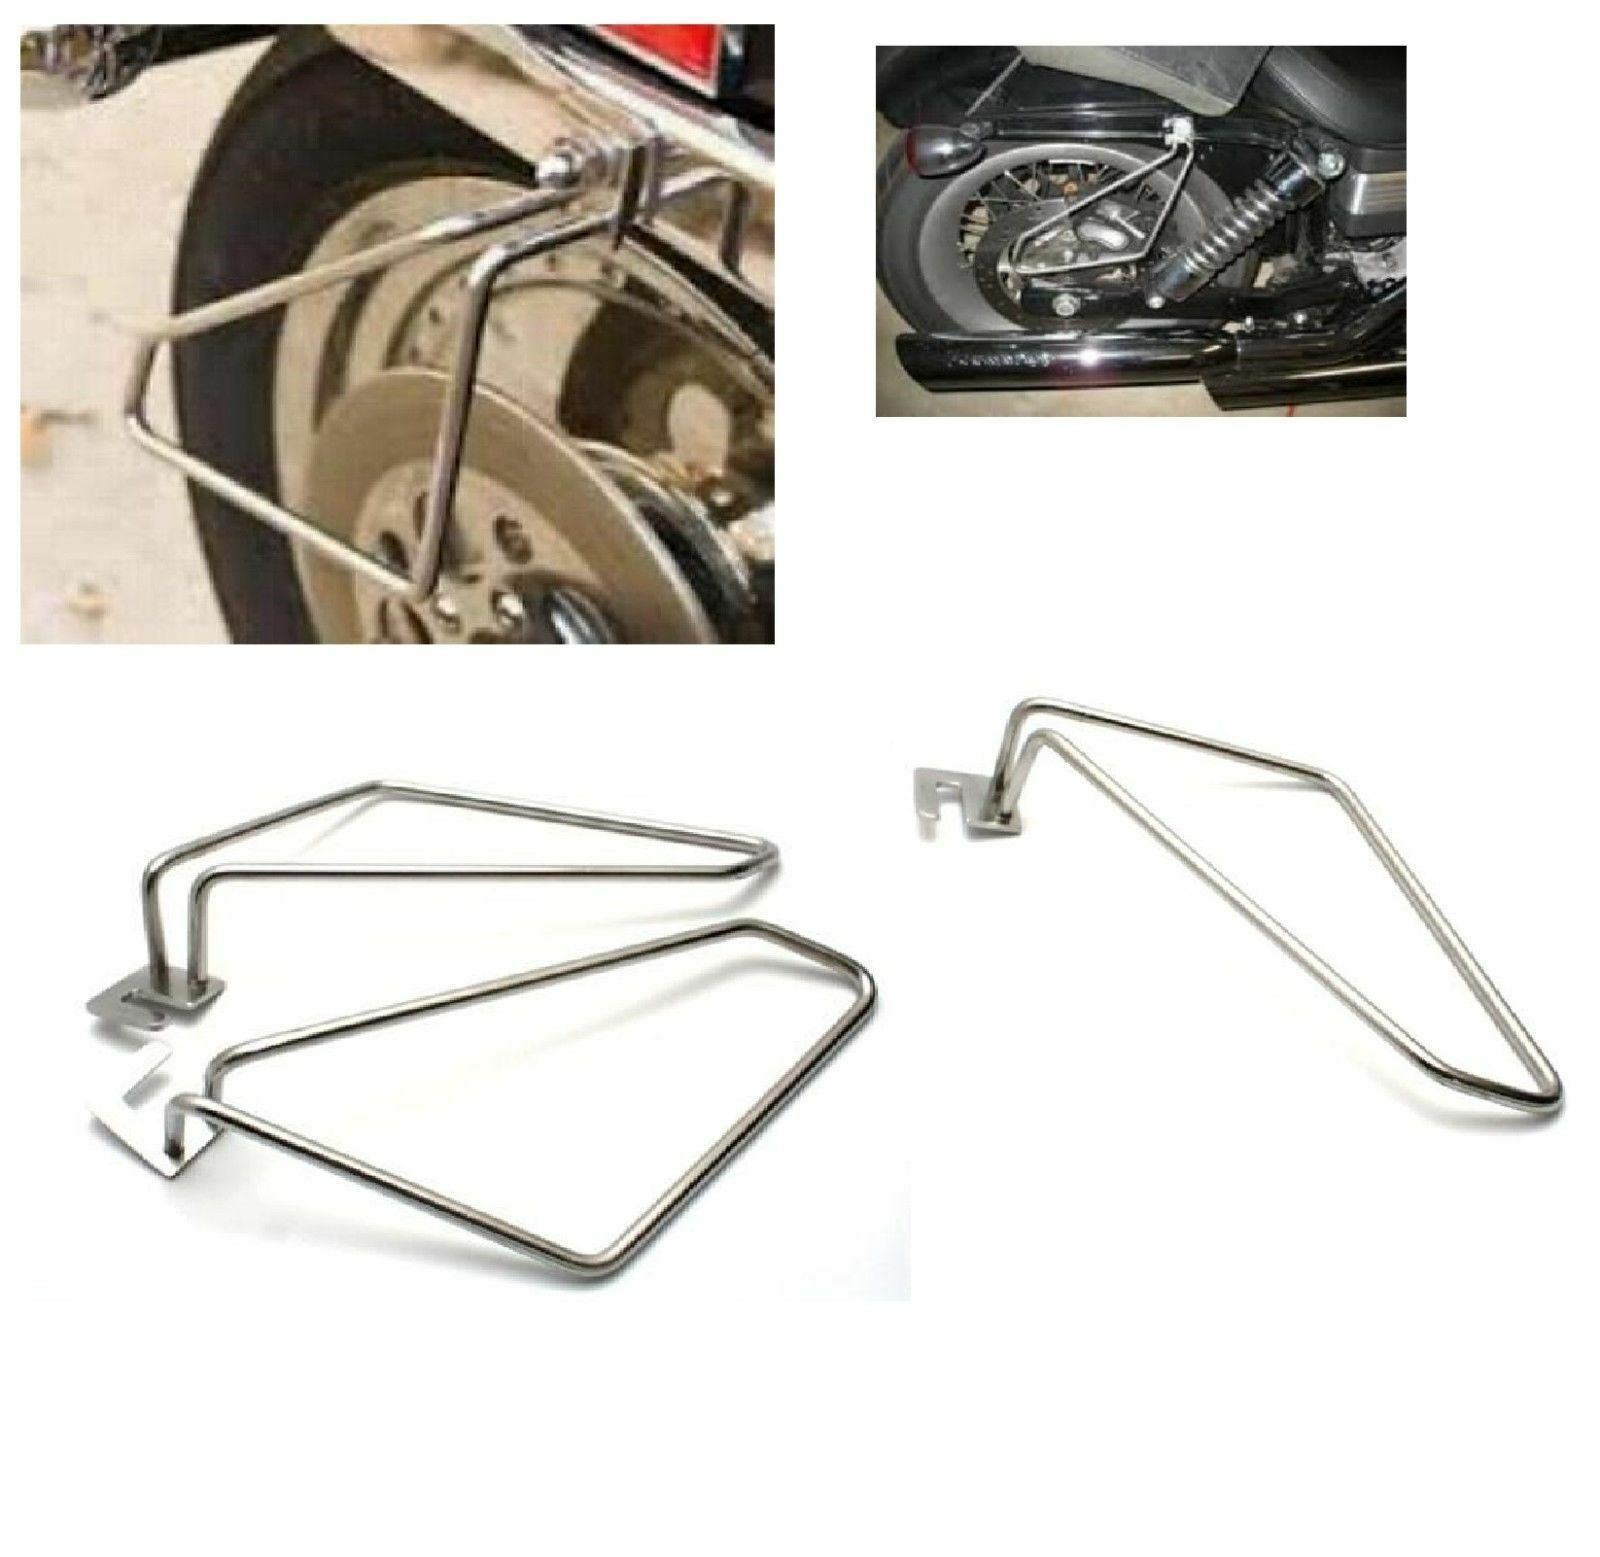 Motorcycle Saddlebag Support Brackets Set for  Cruise Dyna 883 Auto Motorcycle Frame Saddle Bag Mount Brackets Kit  Plating